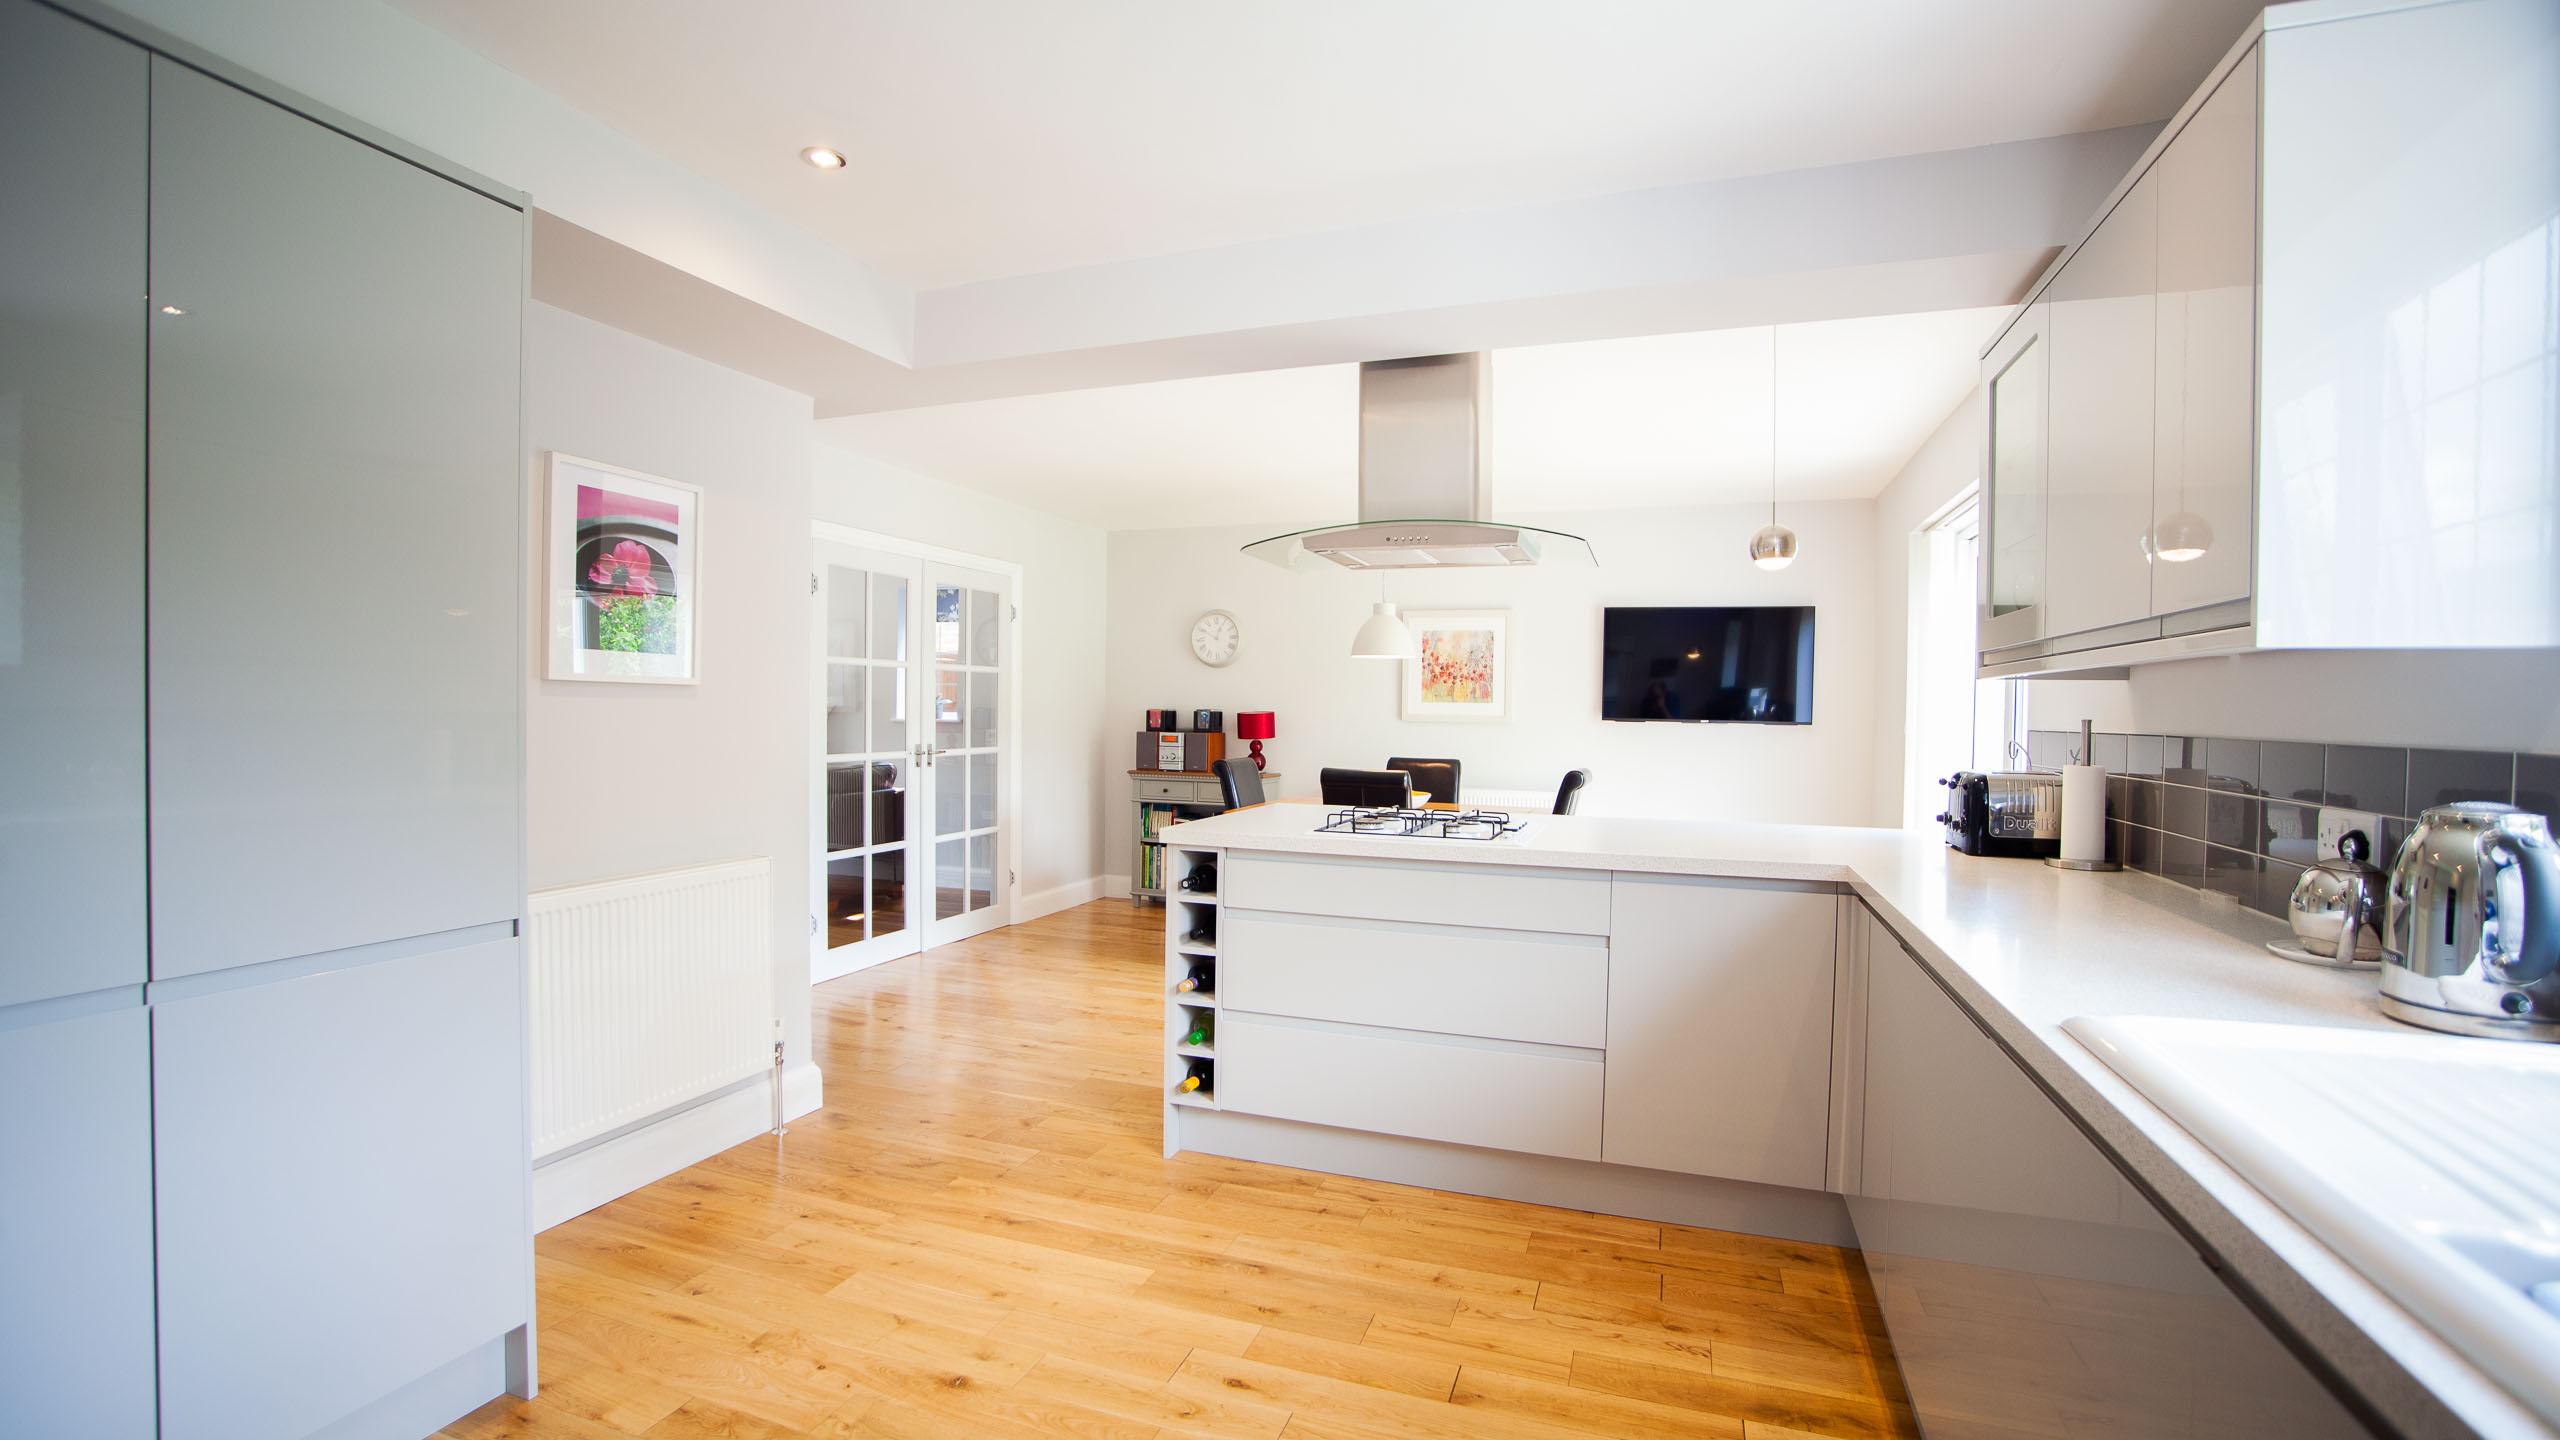 modern kitchen/diner- kitchen installation by RJ Steele builders in Sussex